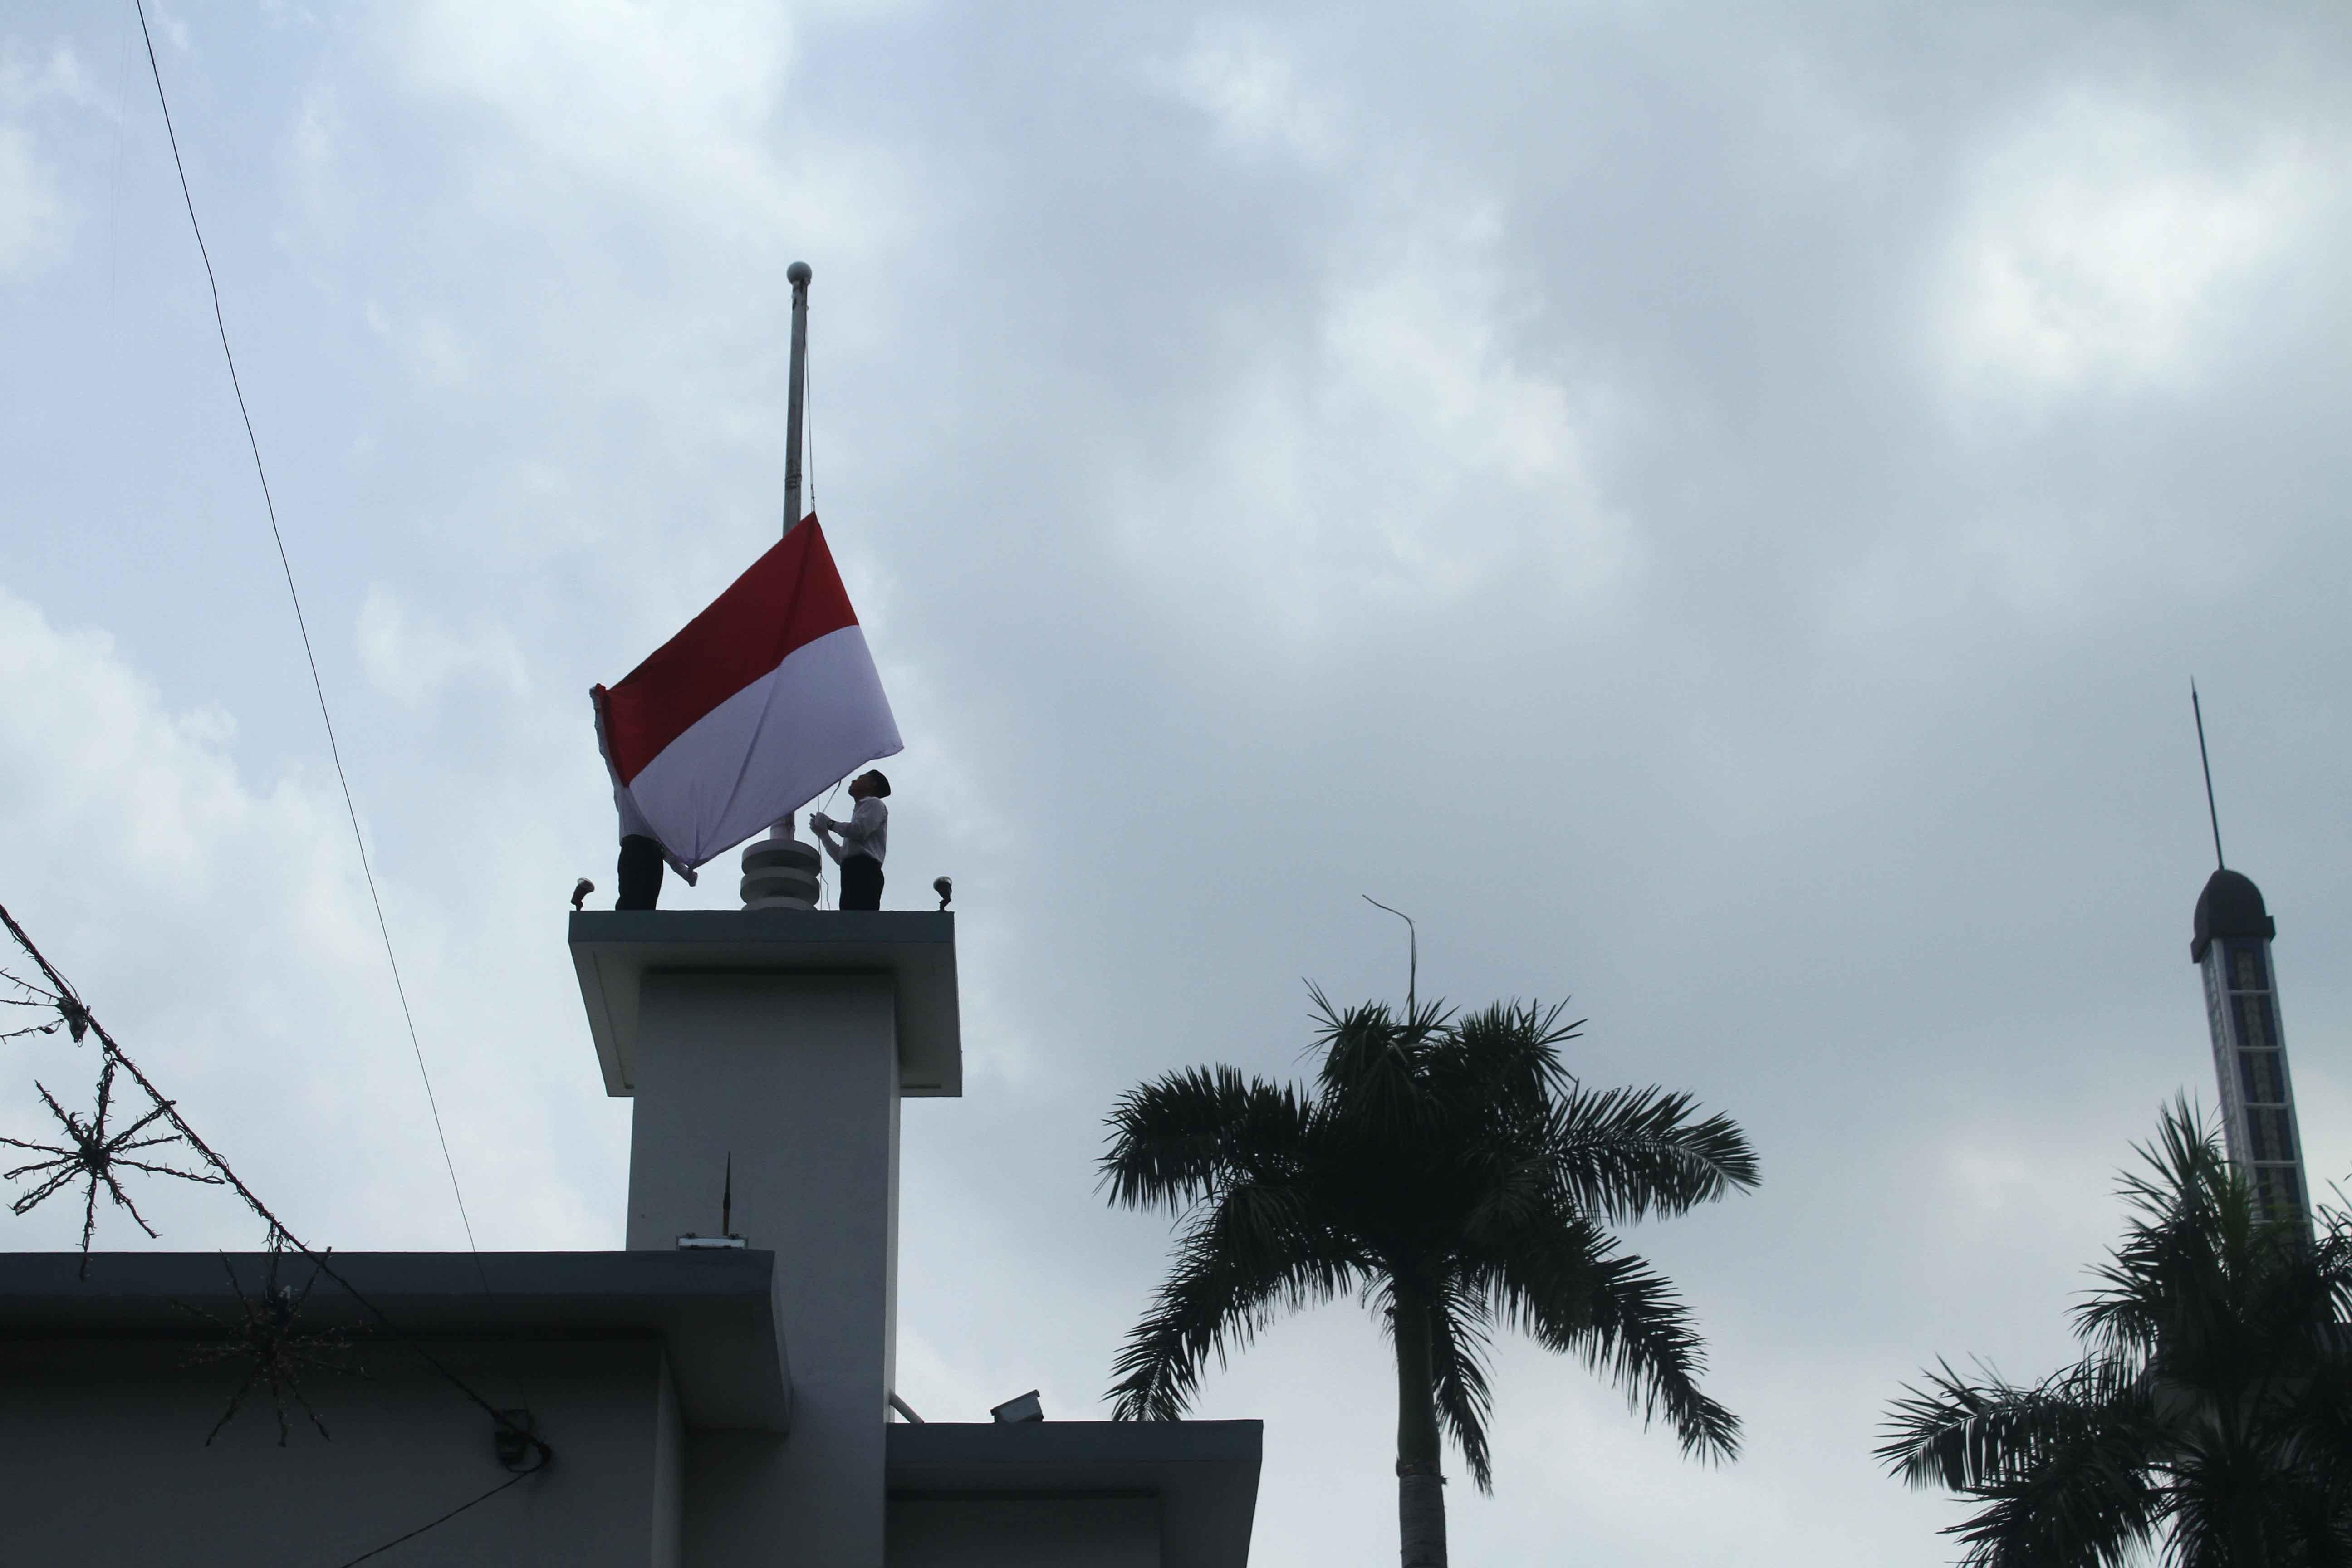 Pengibaran bendera Indonesia di Hotel Majapahit yang dulunya adalah hotel Yamato. Disitulah aksi penyobekan bendera Belanda dilakukan